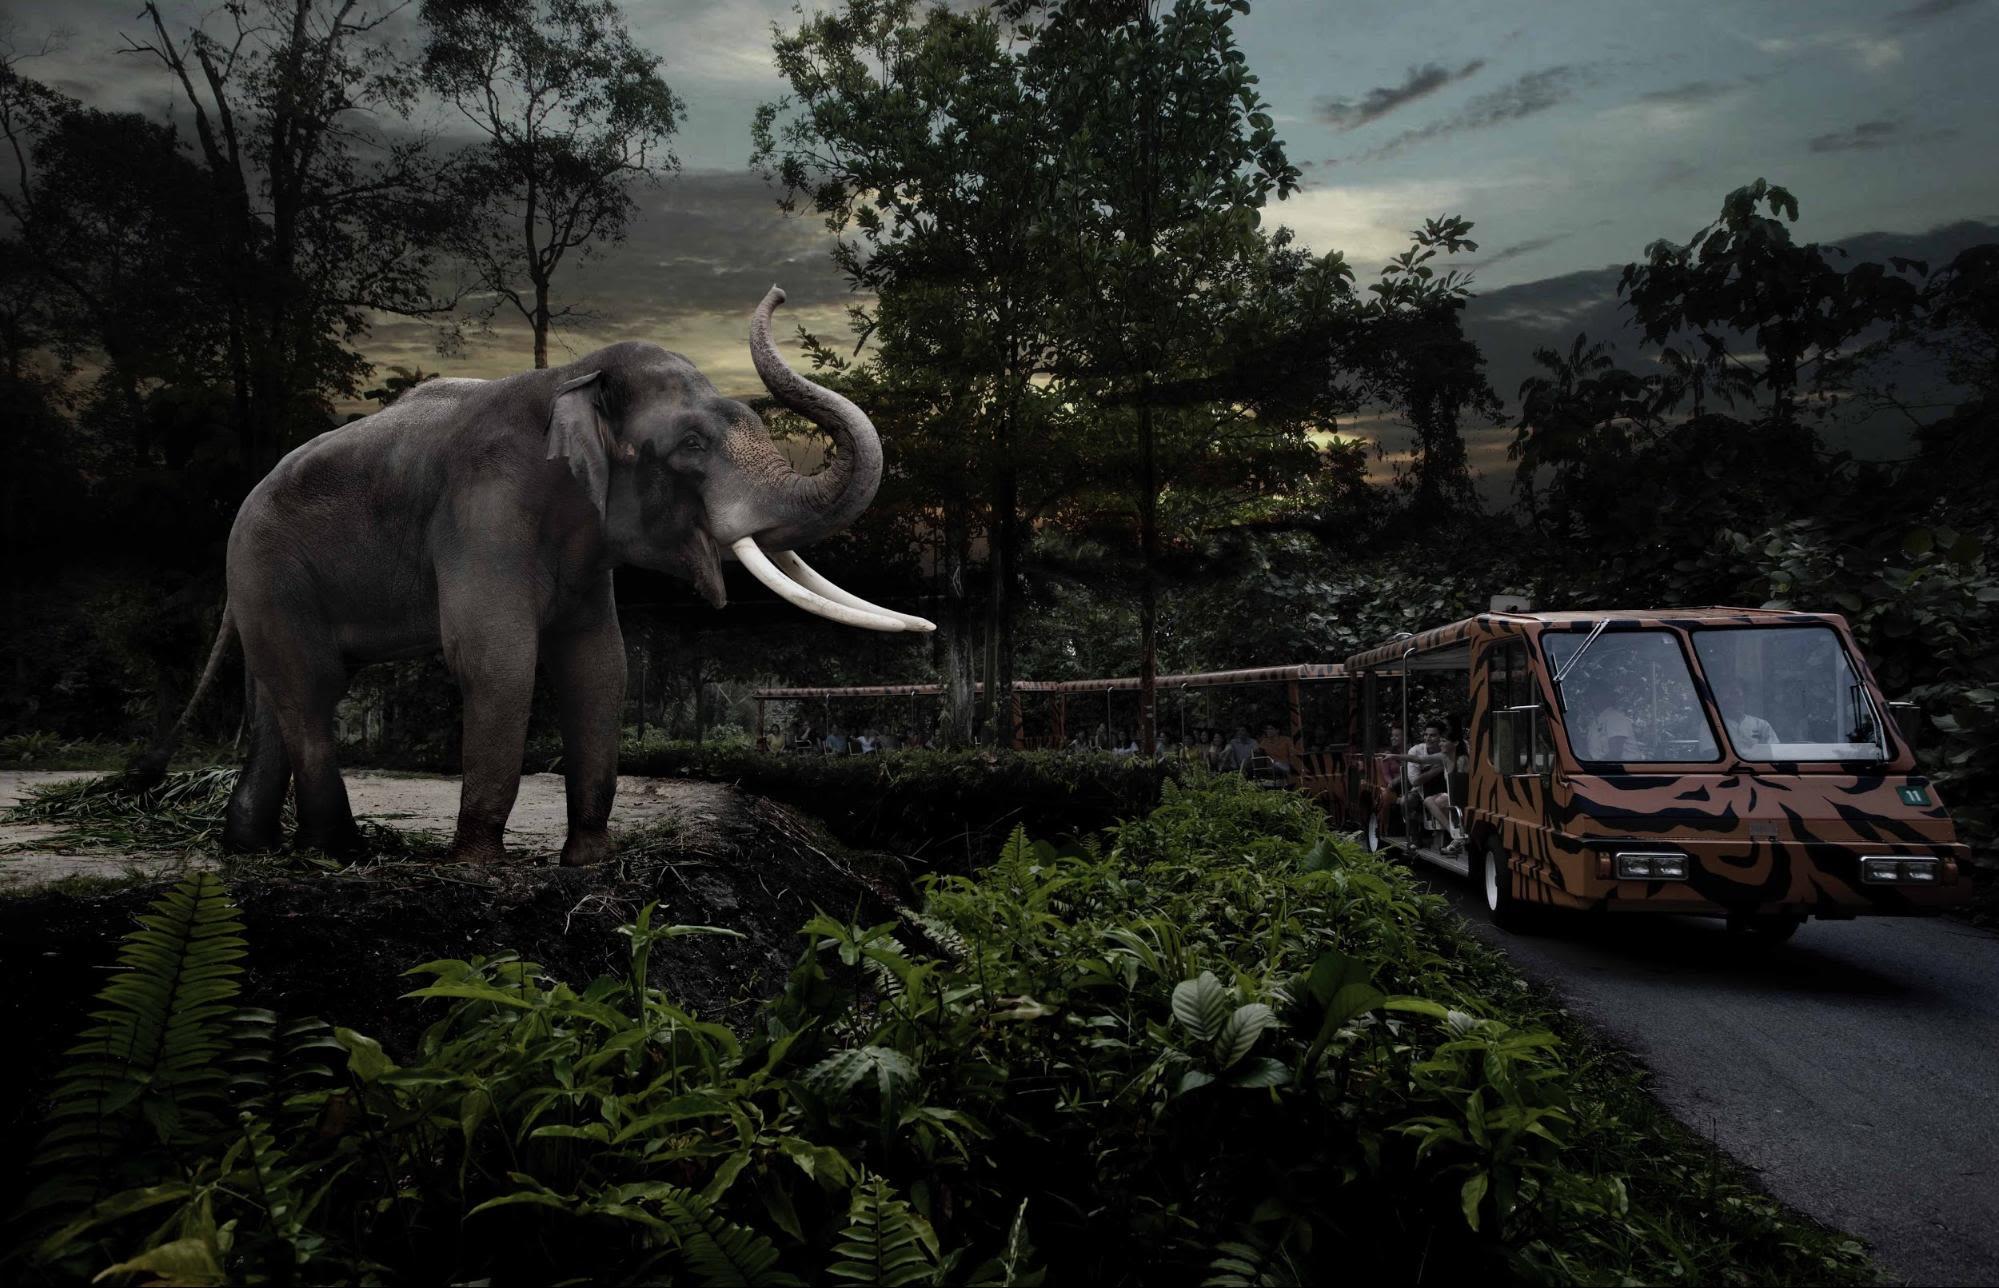 Night Safari Elephant Tram